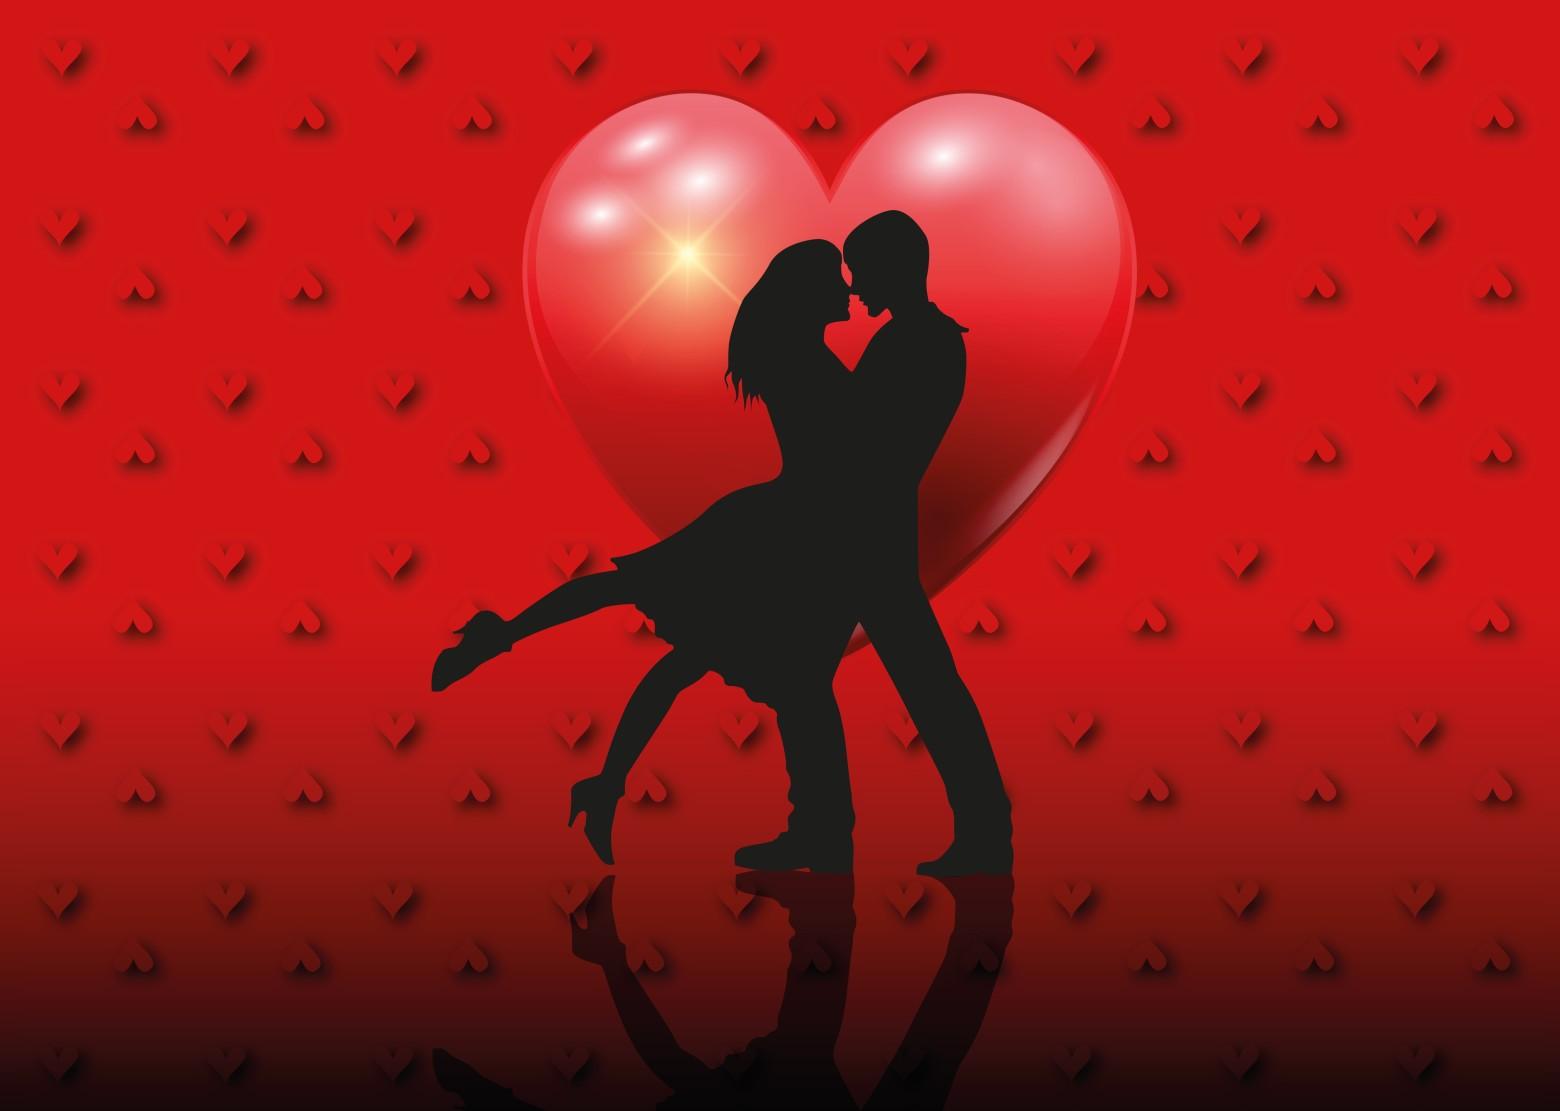 Carte saint valentin coeur amour amoureux images gratuites - Un coeur amoureux ...